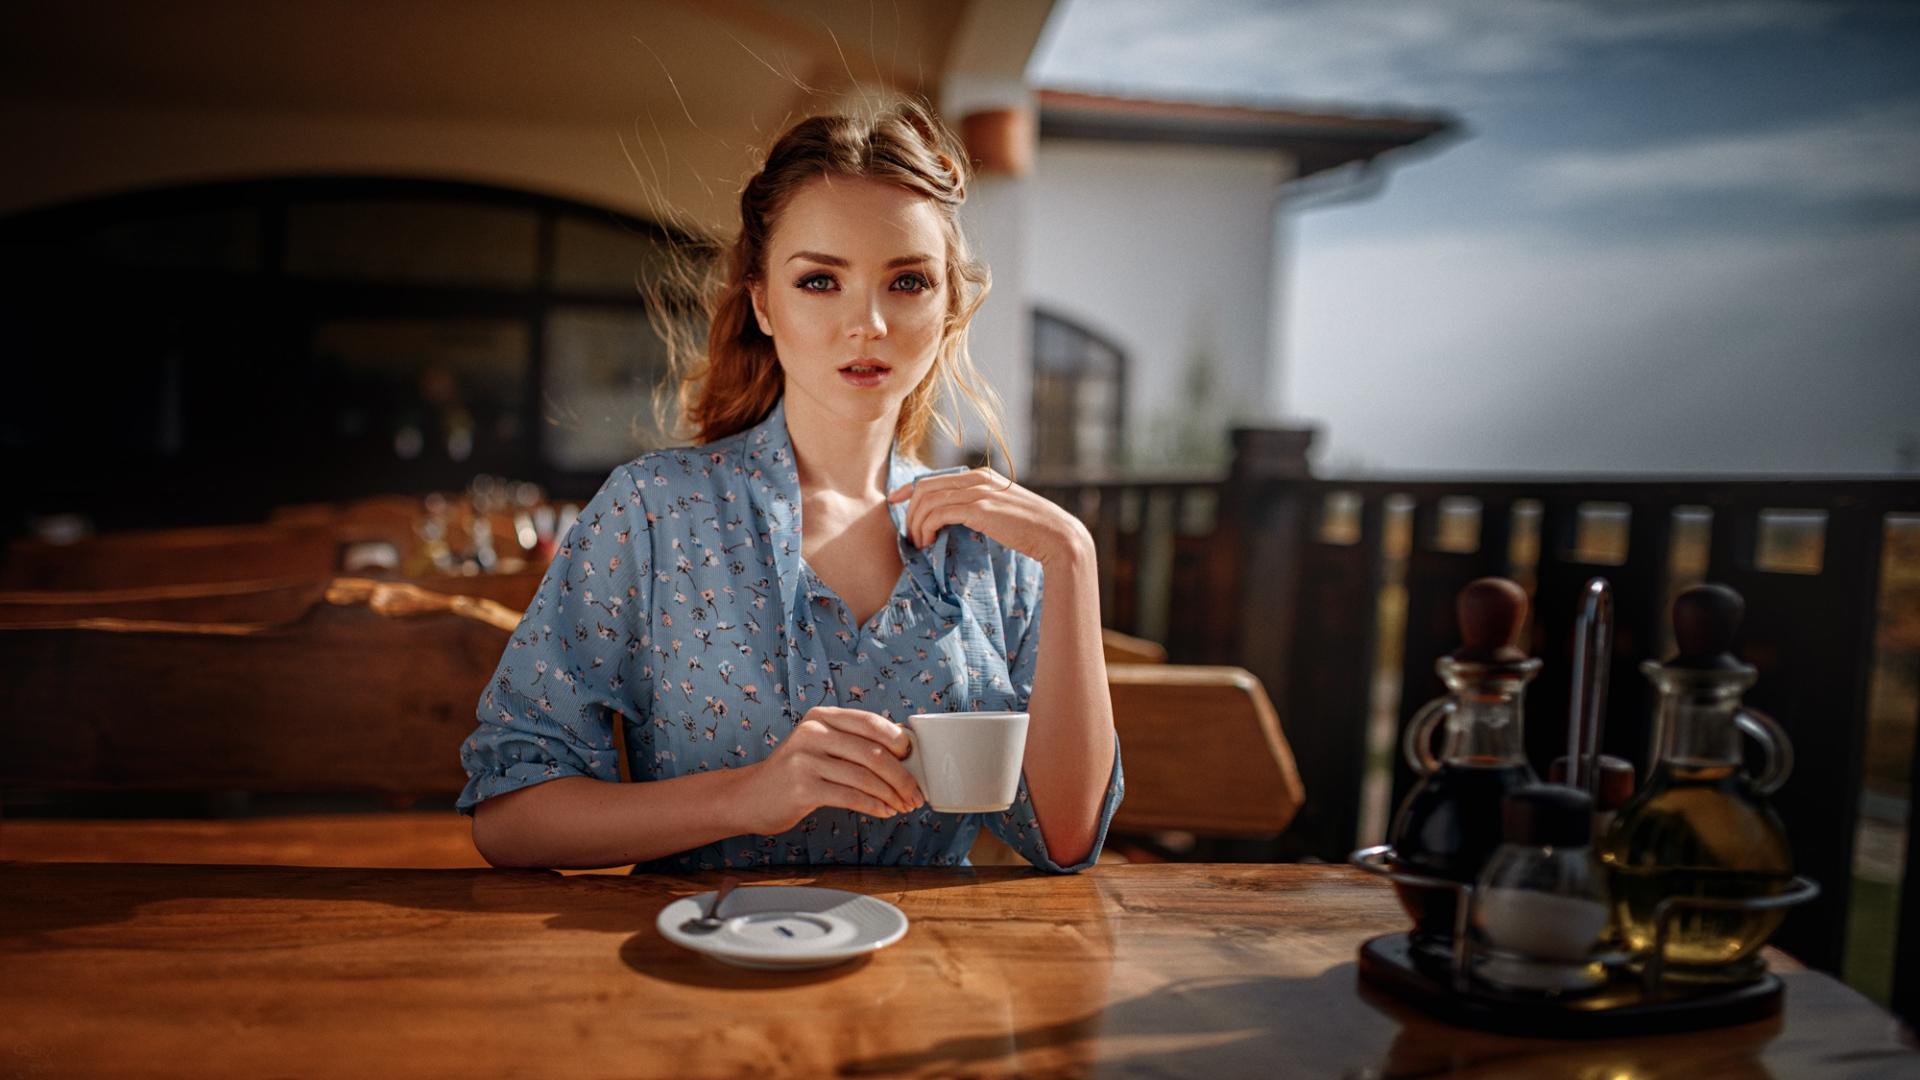 Девушки в кафе в картинках